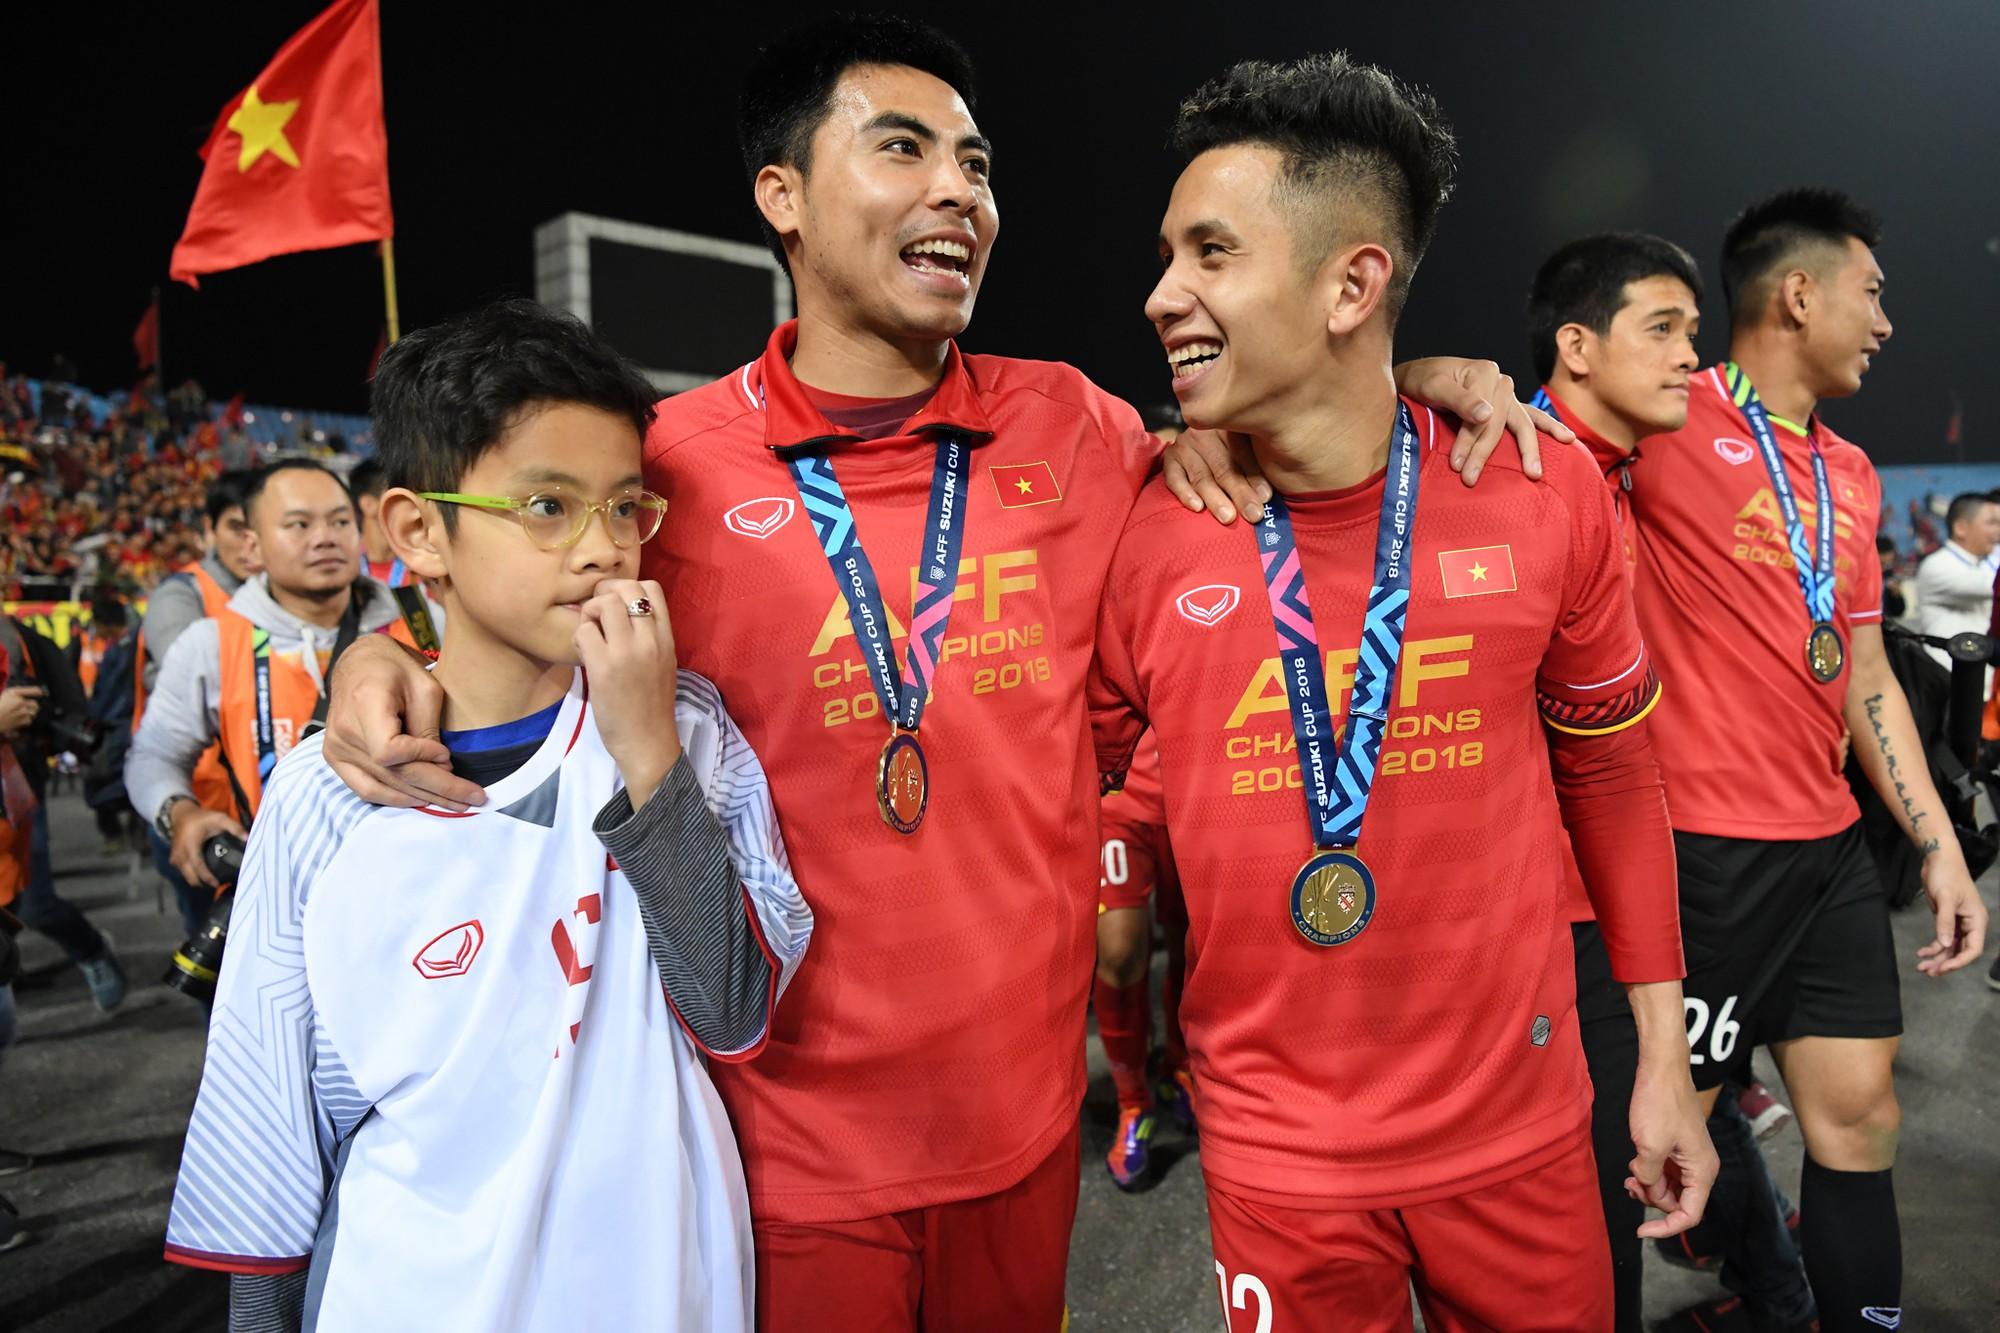 Vượt qua Nhật Bản, tuyển Việt Nam chắc chắn sẽ có huy chương. Ảnh: Tiến Tuấn.